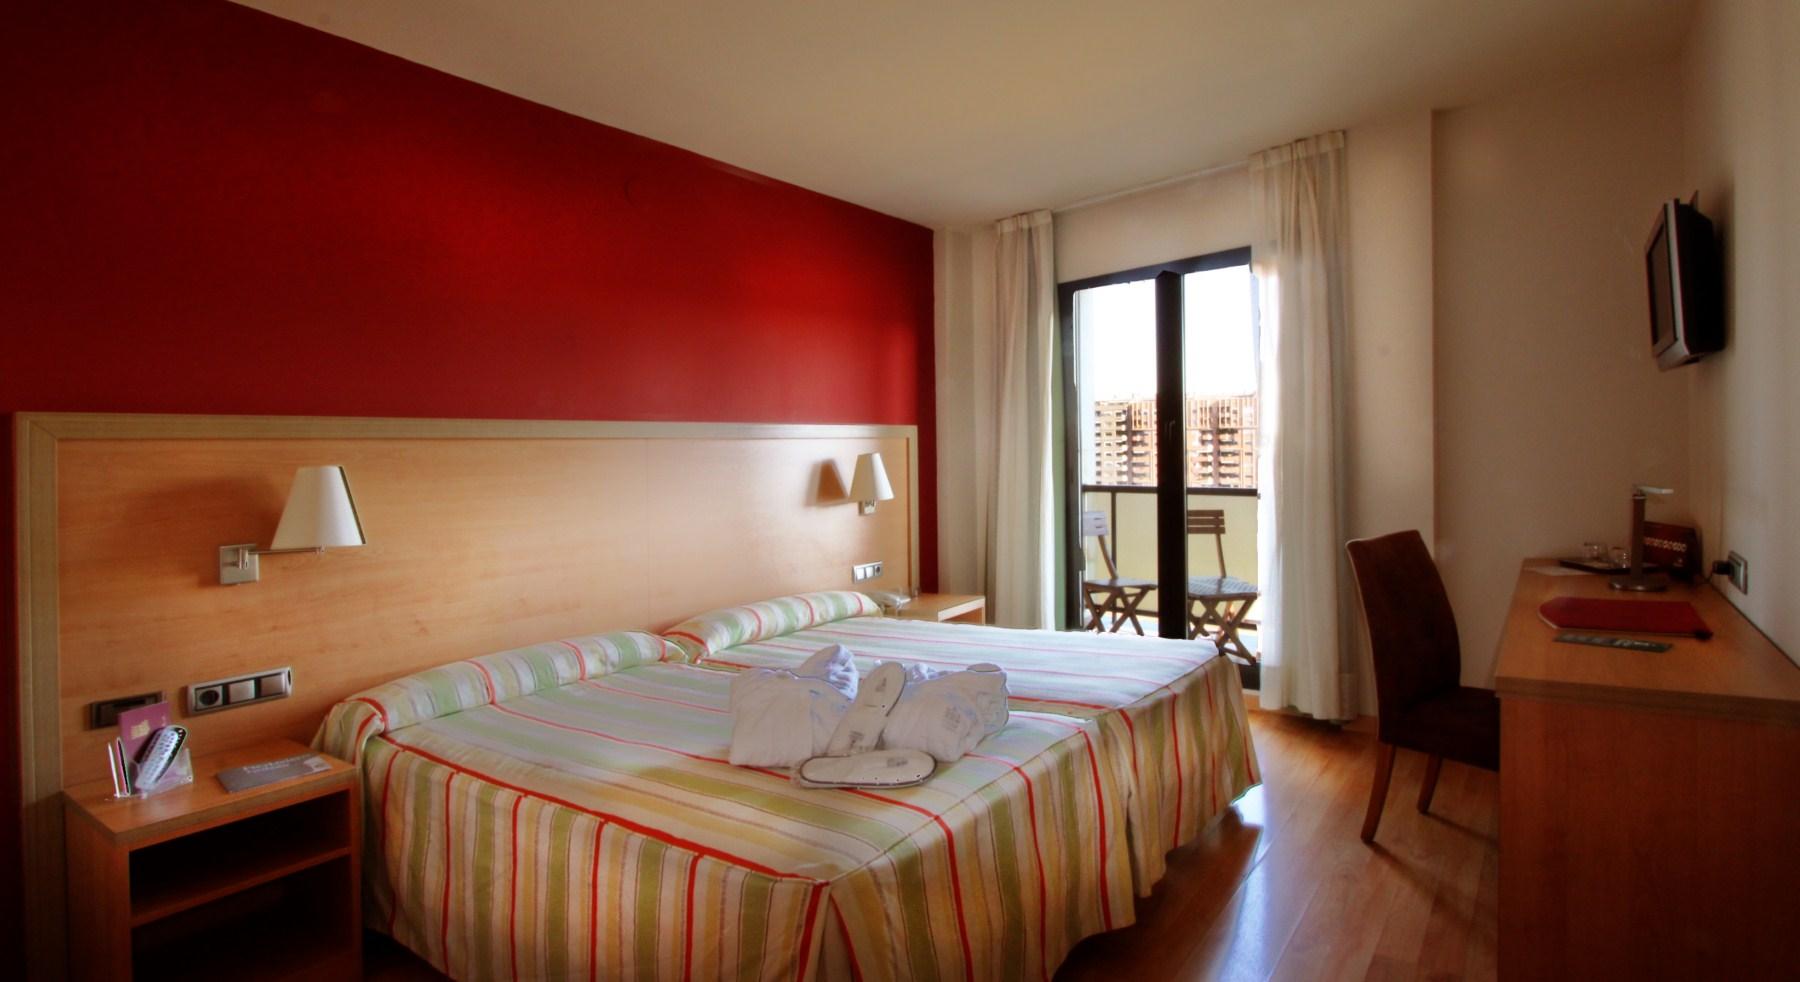 habitación-hotel-real-lleida